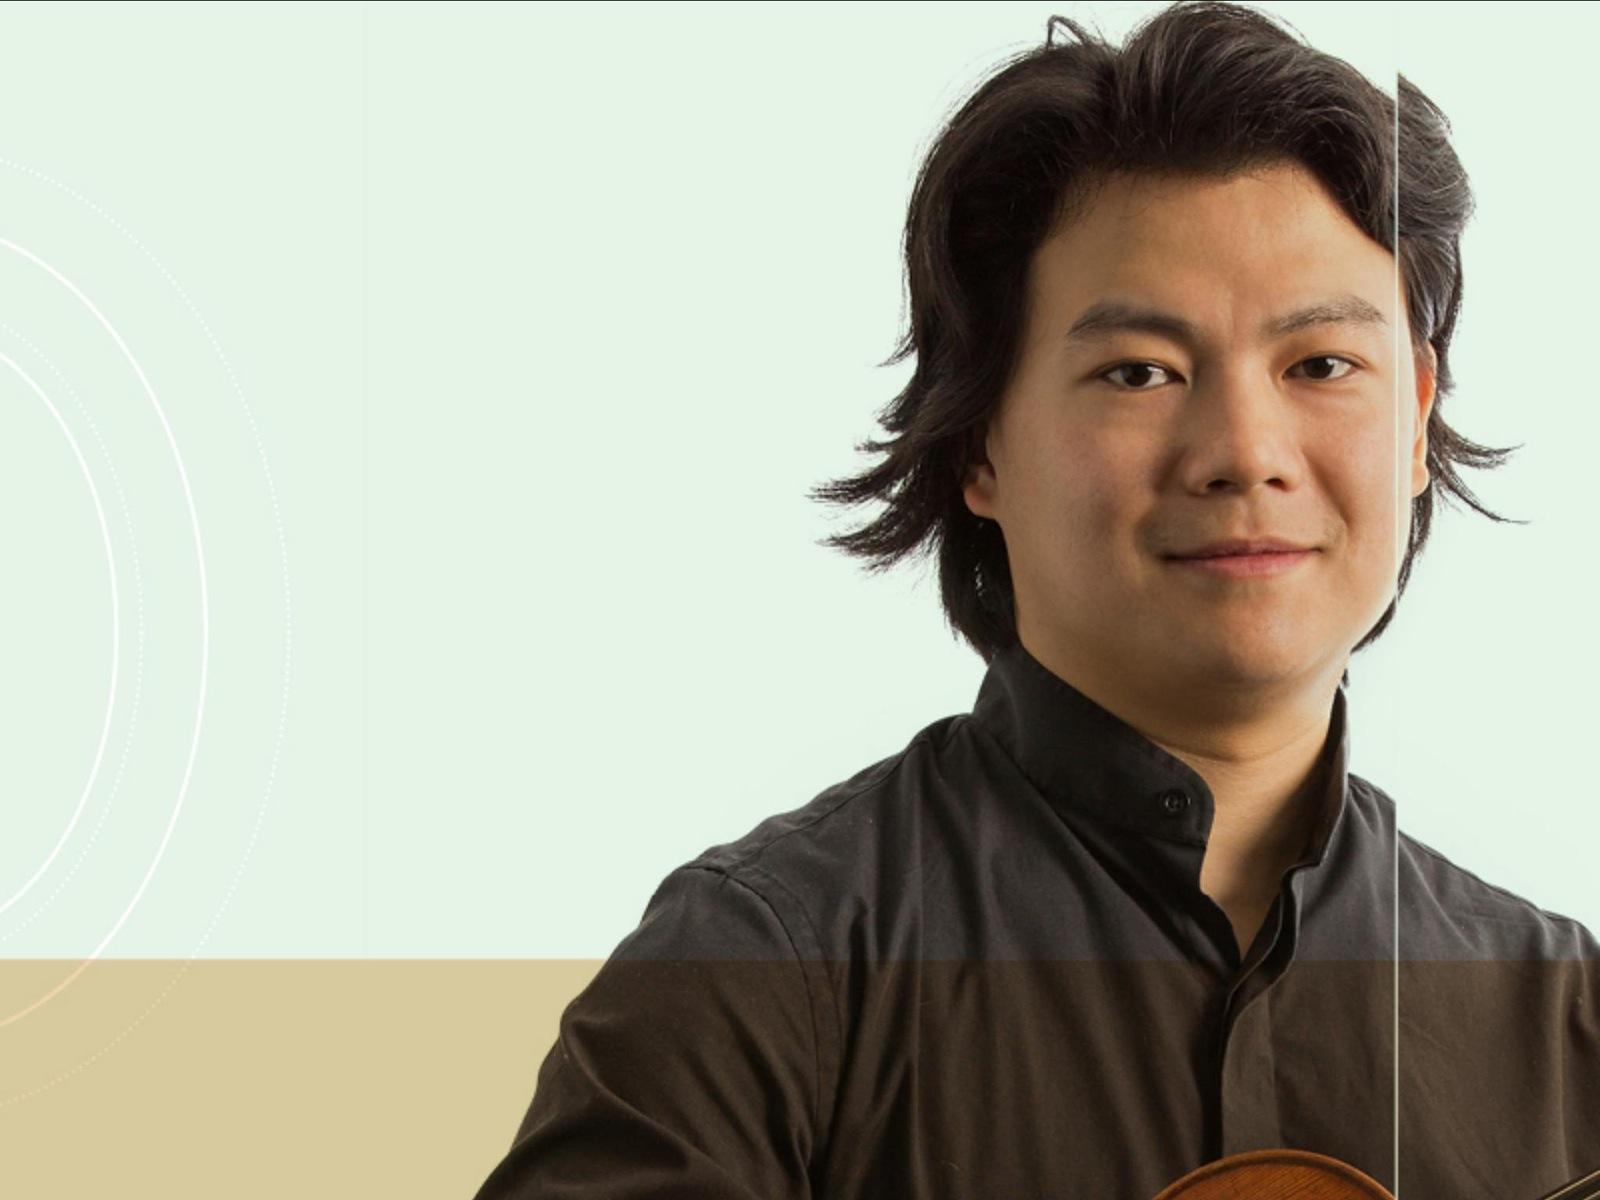 Shane Chen